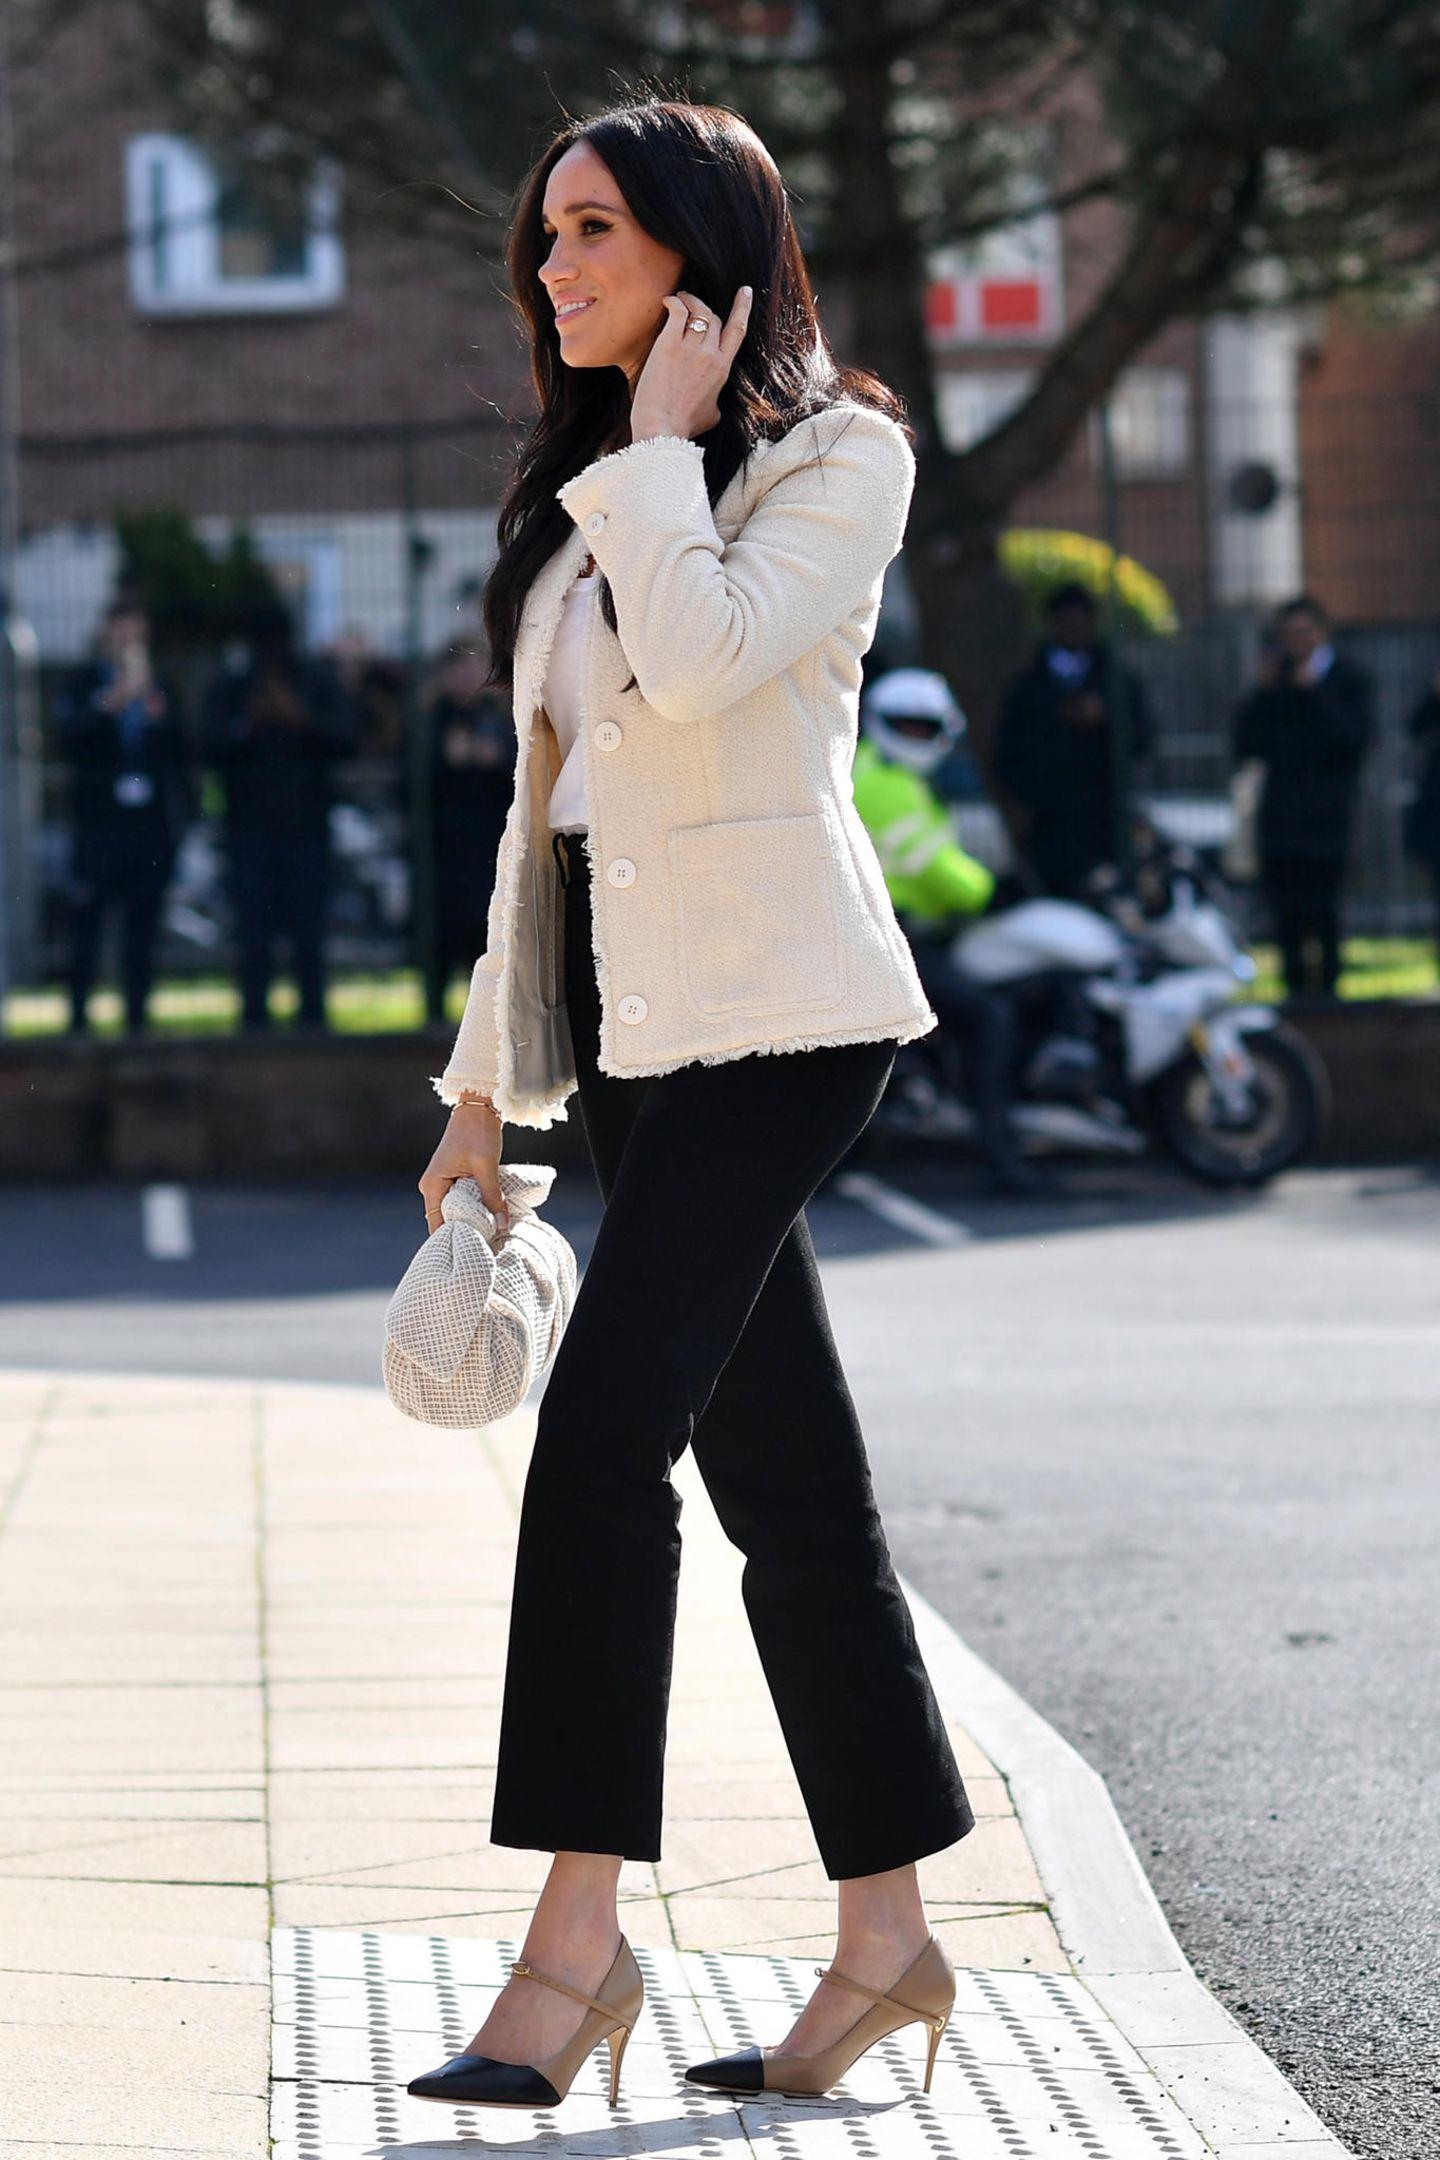 """Für ihren Besuch in Dagenham wählt Herzogin Meghan einen cremefarbenen Bouclé-Blazer des Labels """"ME+EM"""". Darunter trägt sie ein schlichtes, weißes Shirt und kombiniert die hellen Kleidungsstücke zu einer schwarzen Highwaist-Hose von Alexander McQueen. Beide Farbtöne werden außerdem perfekt von ihrenLederpumps aufgegriffen – ein Modell von Jennifer Chamandi für rund 660 Euro. Ein besonderes Accessoire mit einer süßen Schleife trägt die Herzogin in ihrer Hand: die """"Nane""""-Tasche der Londoner Designerin Rejina Pyo."""